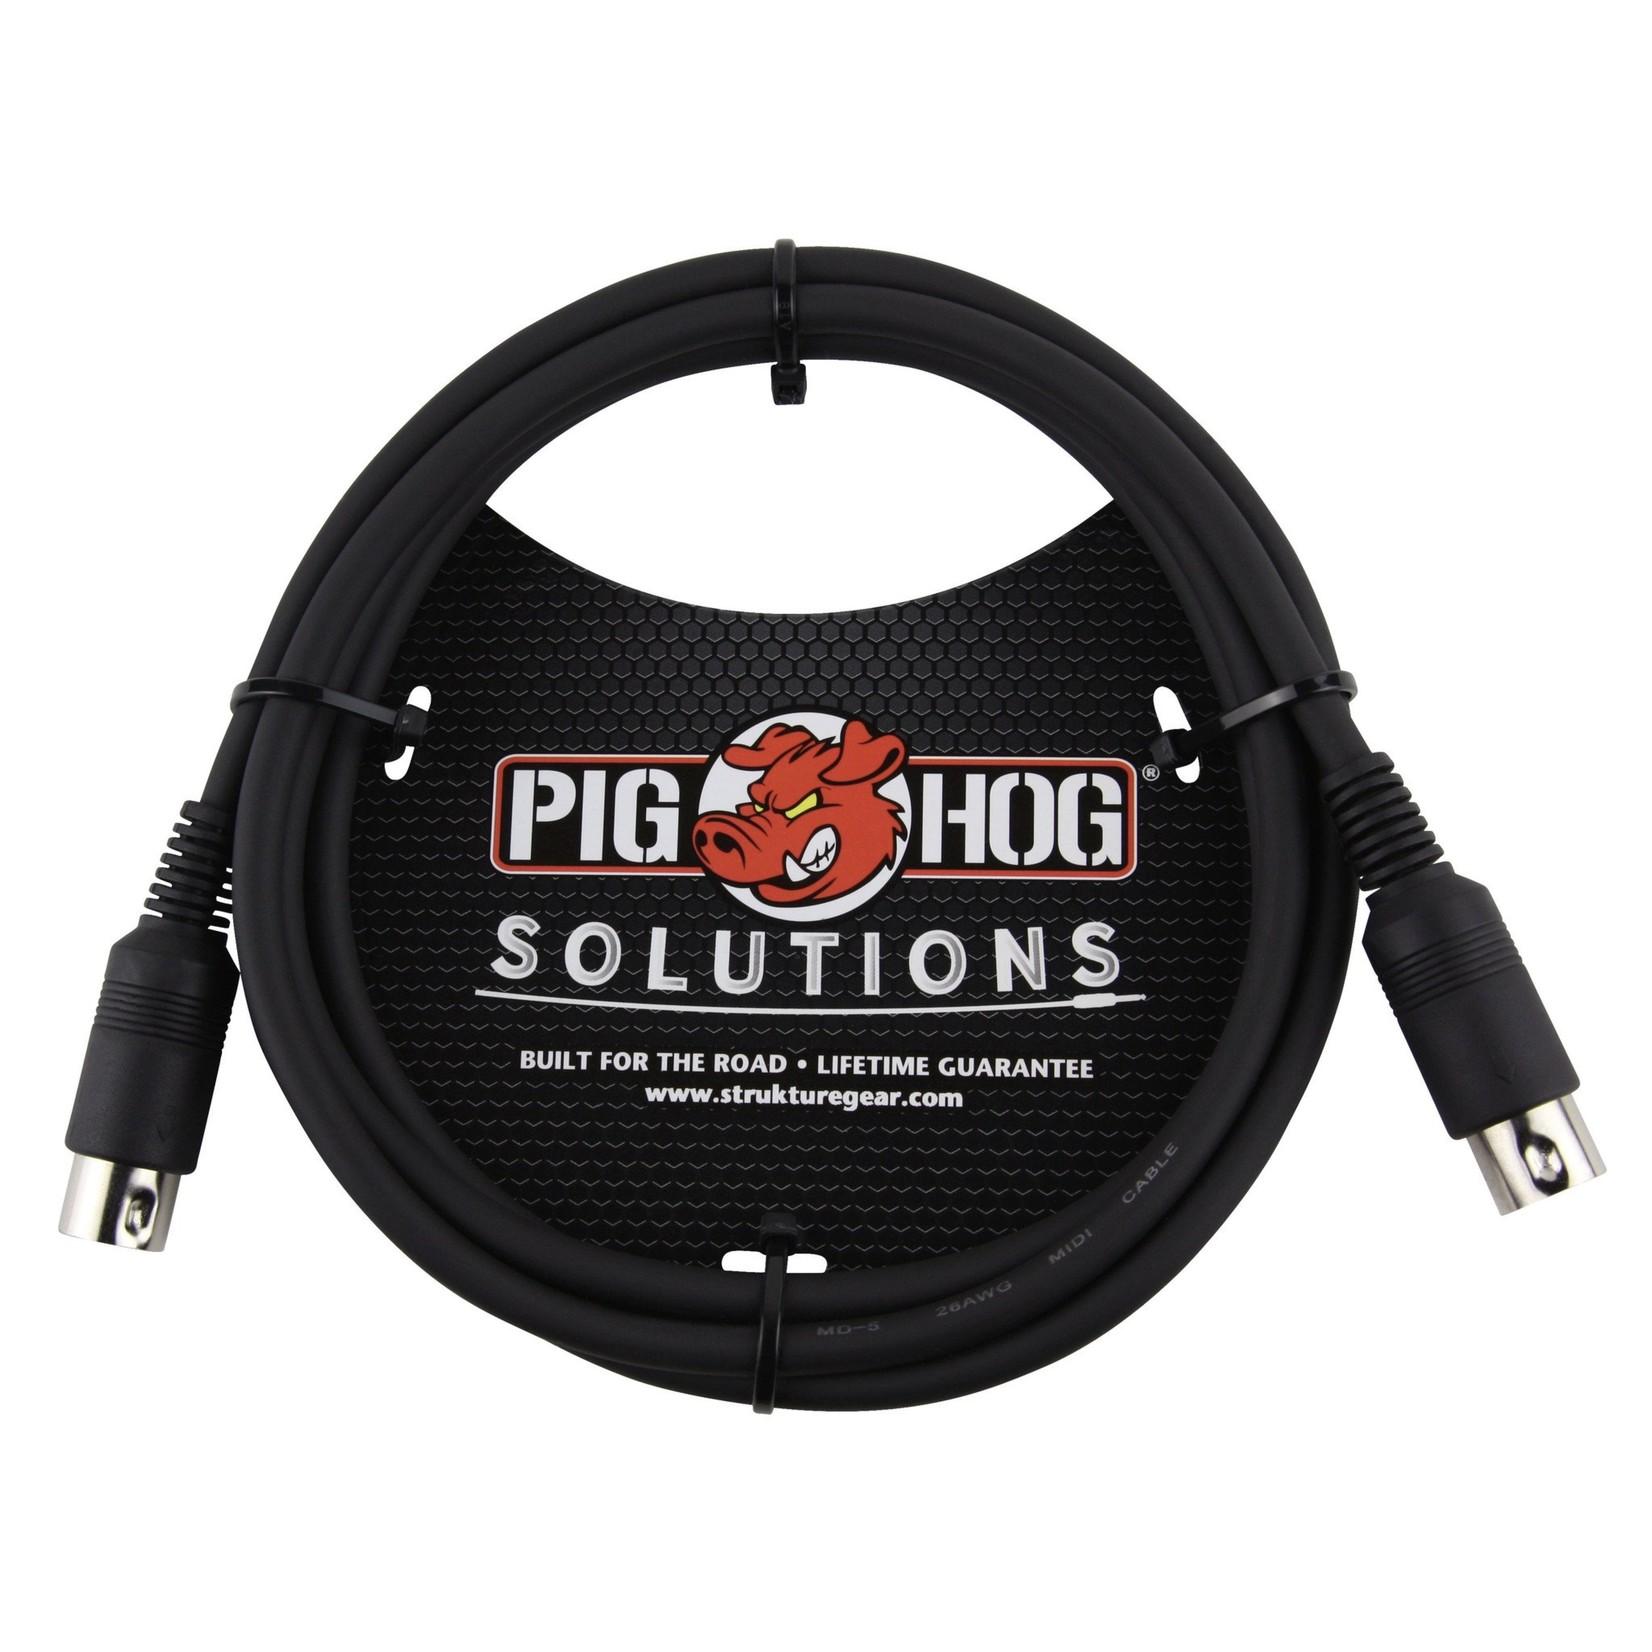 Pig Hog Pig Hog Solutions 6-foot MIDI cable (PMID06)